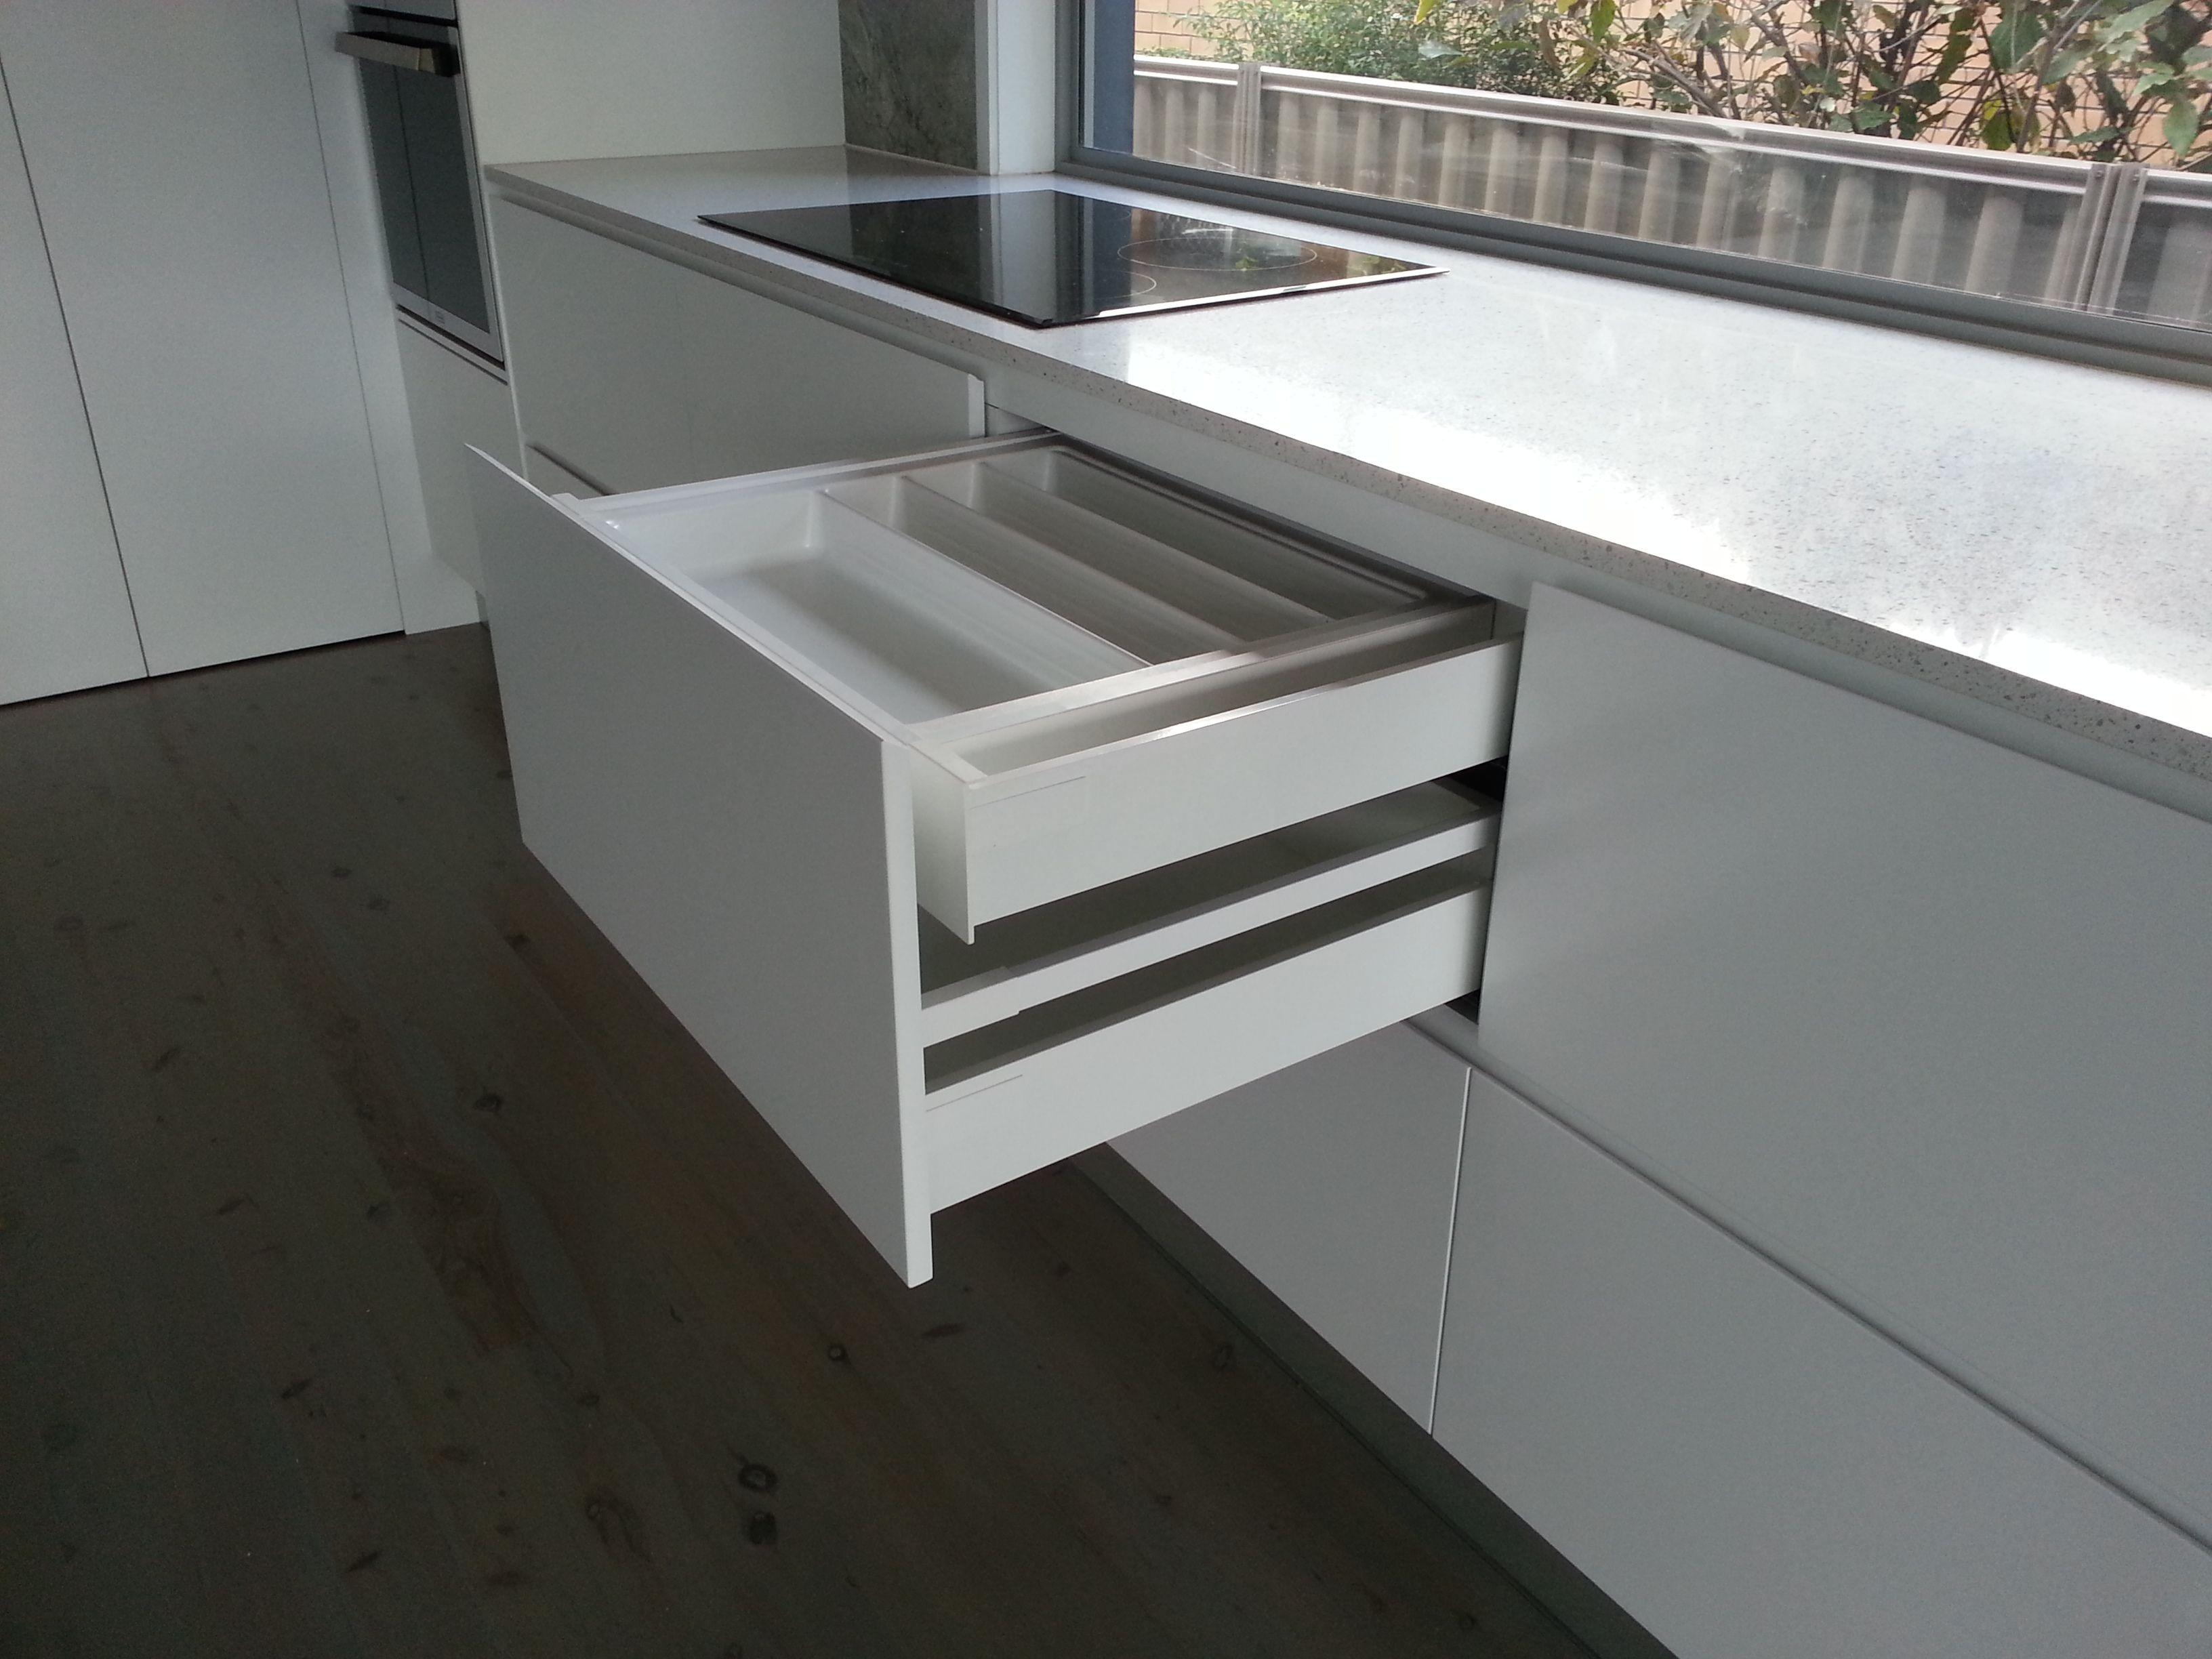 Finger pull drawers Blum hardware  Kitchen Storage ideas